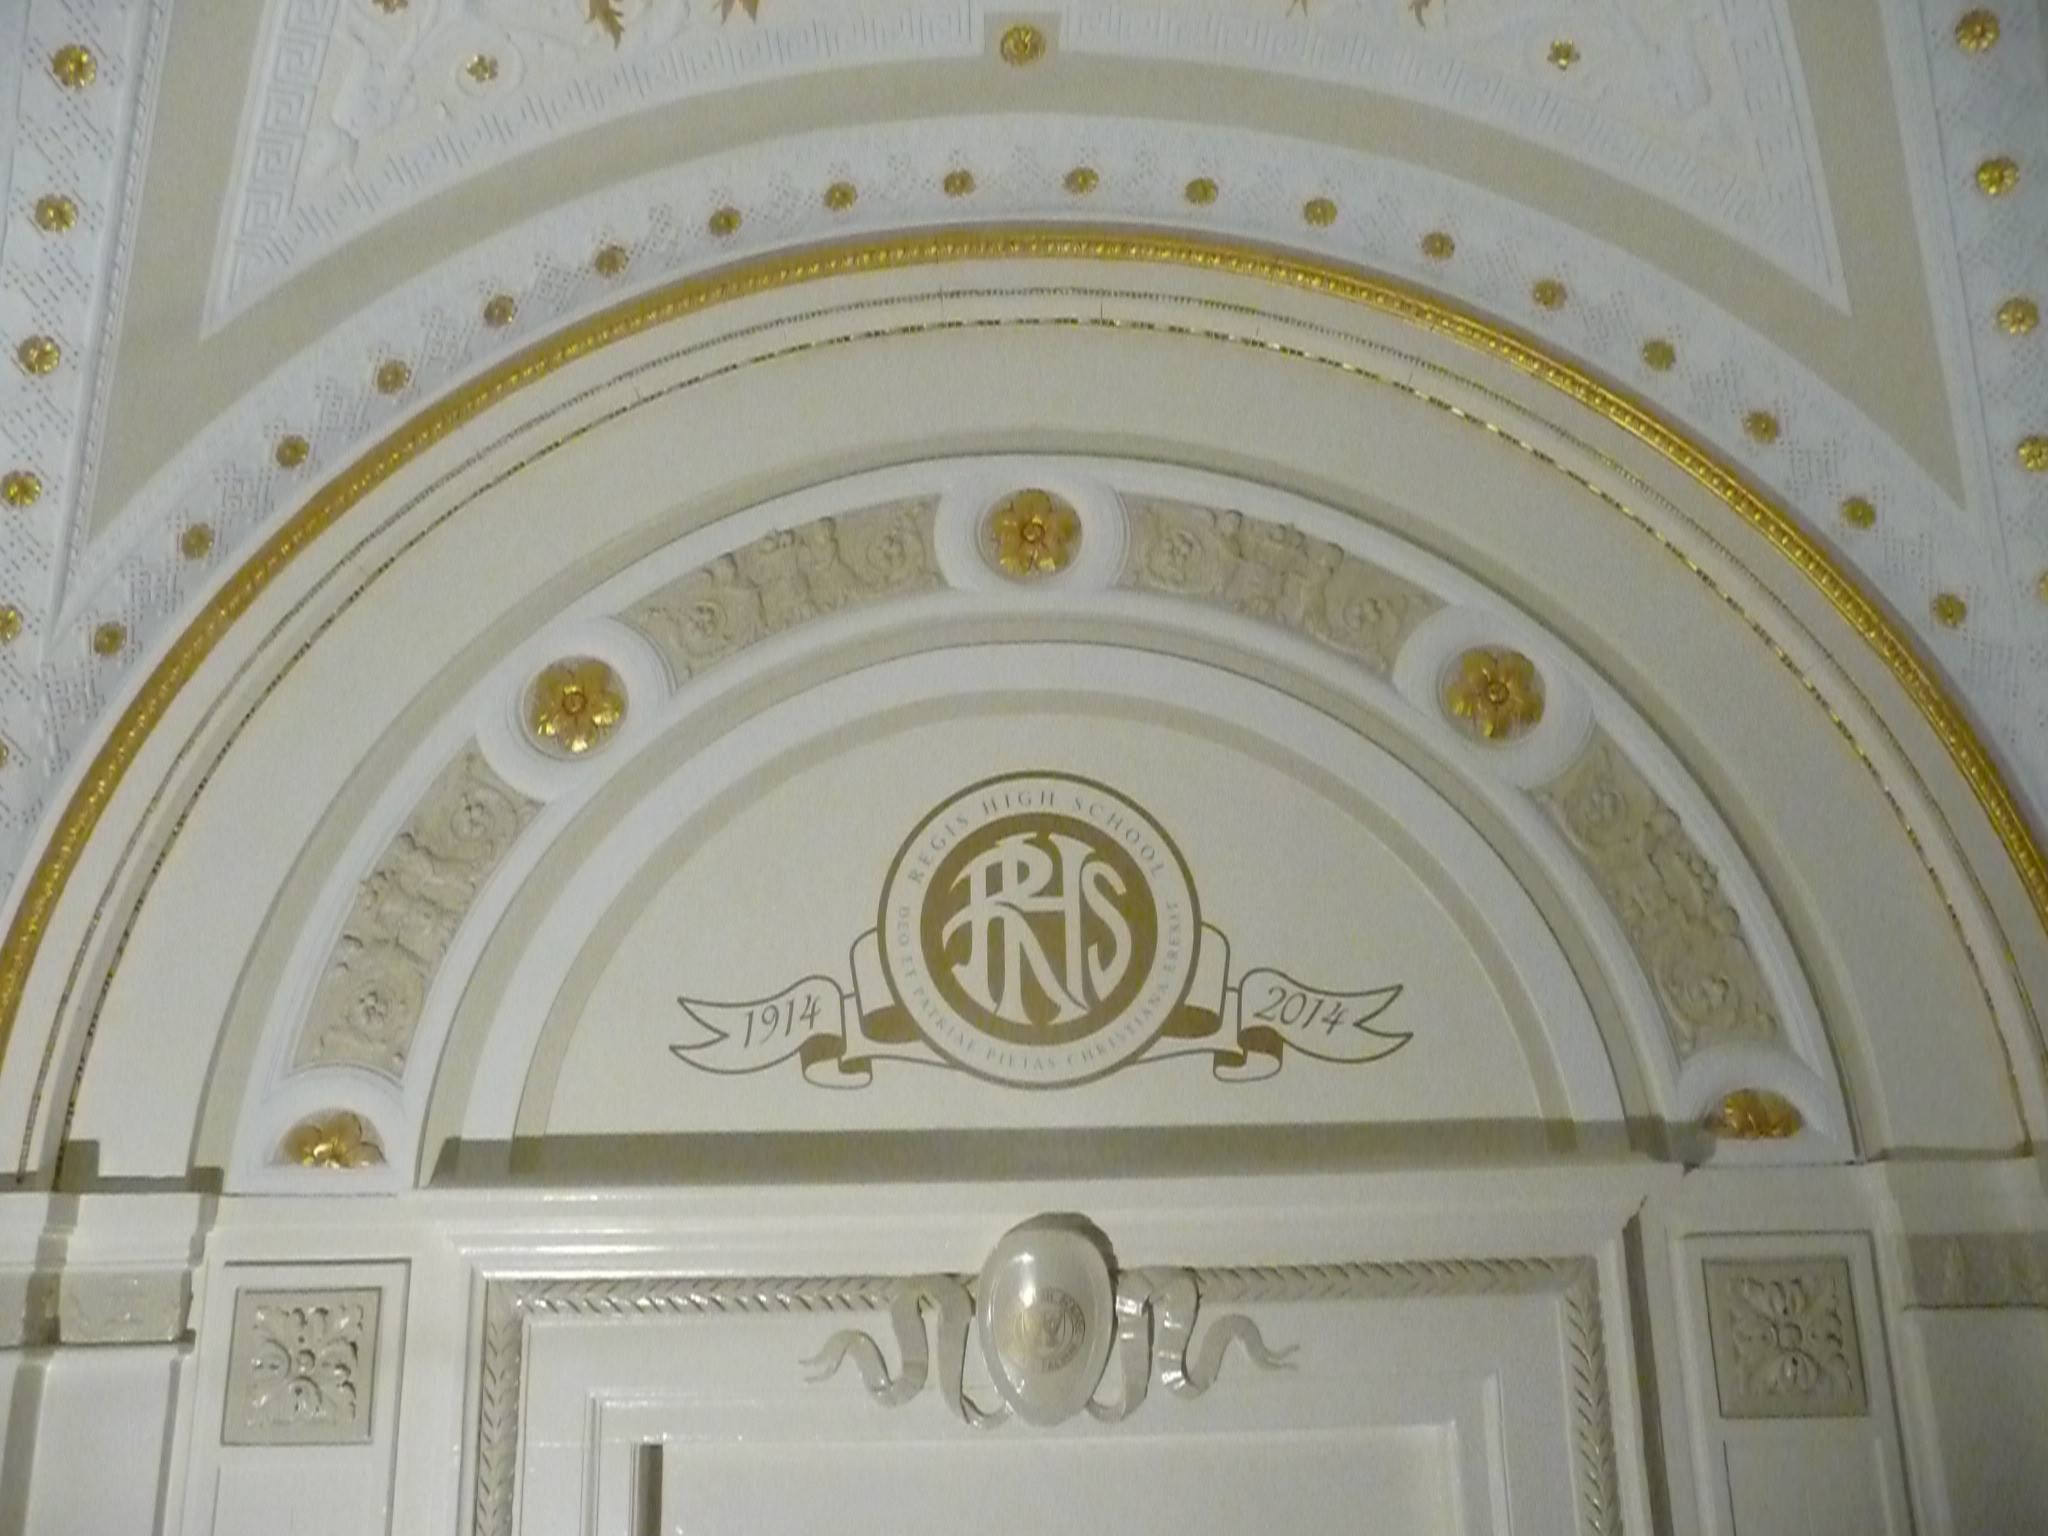 Repainting Ceiling Regis High